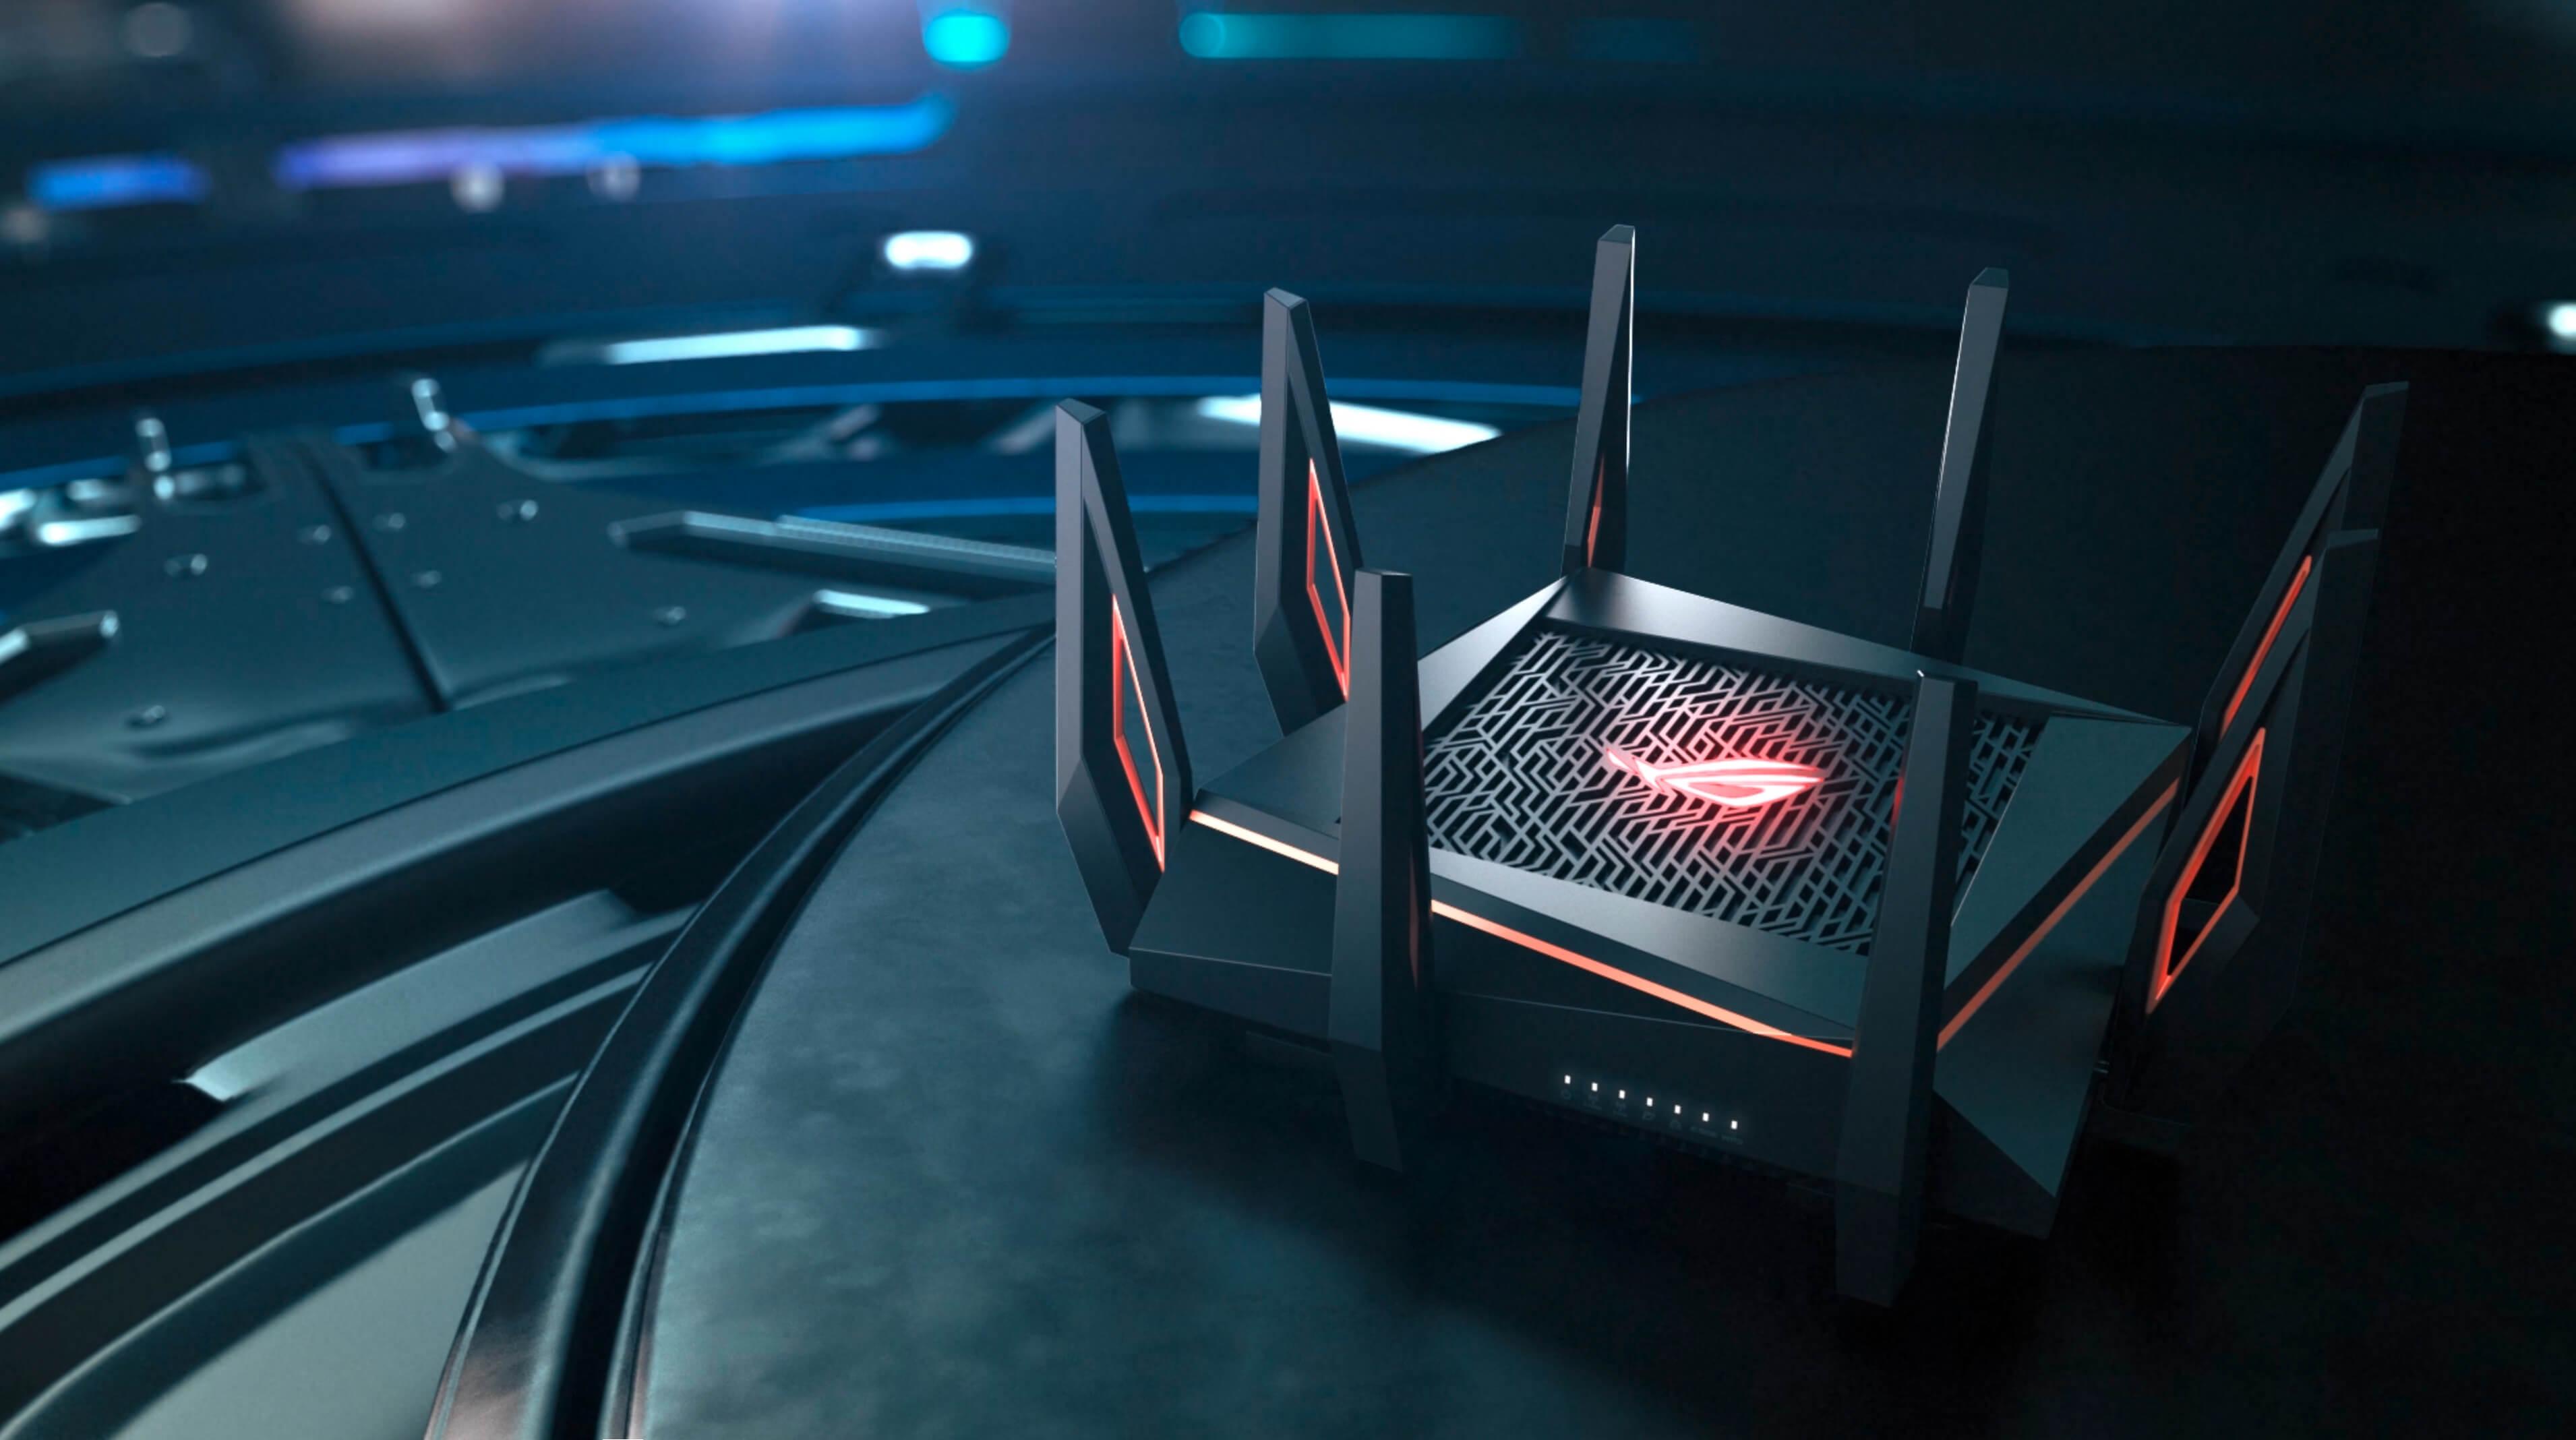 Der beste Gaming-Router für starken Ping: ASUS ROG Rapture GT-AX11000